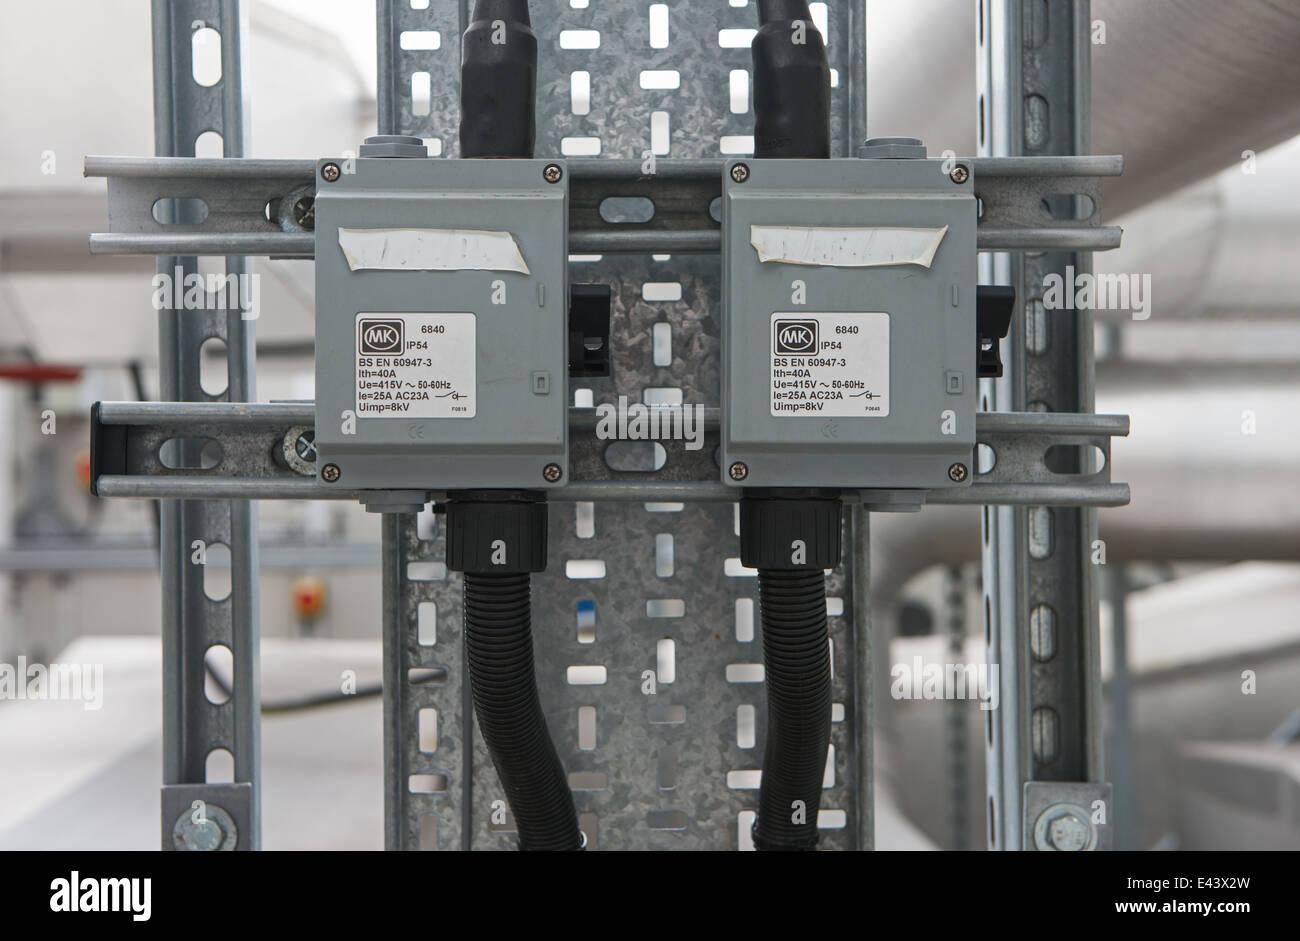 MK isolation Switches - Stock Image